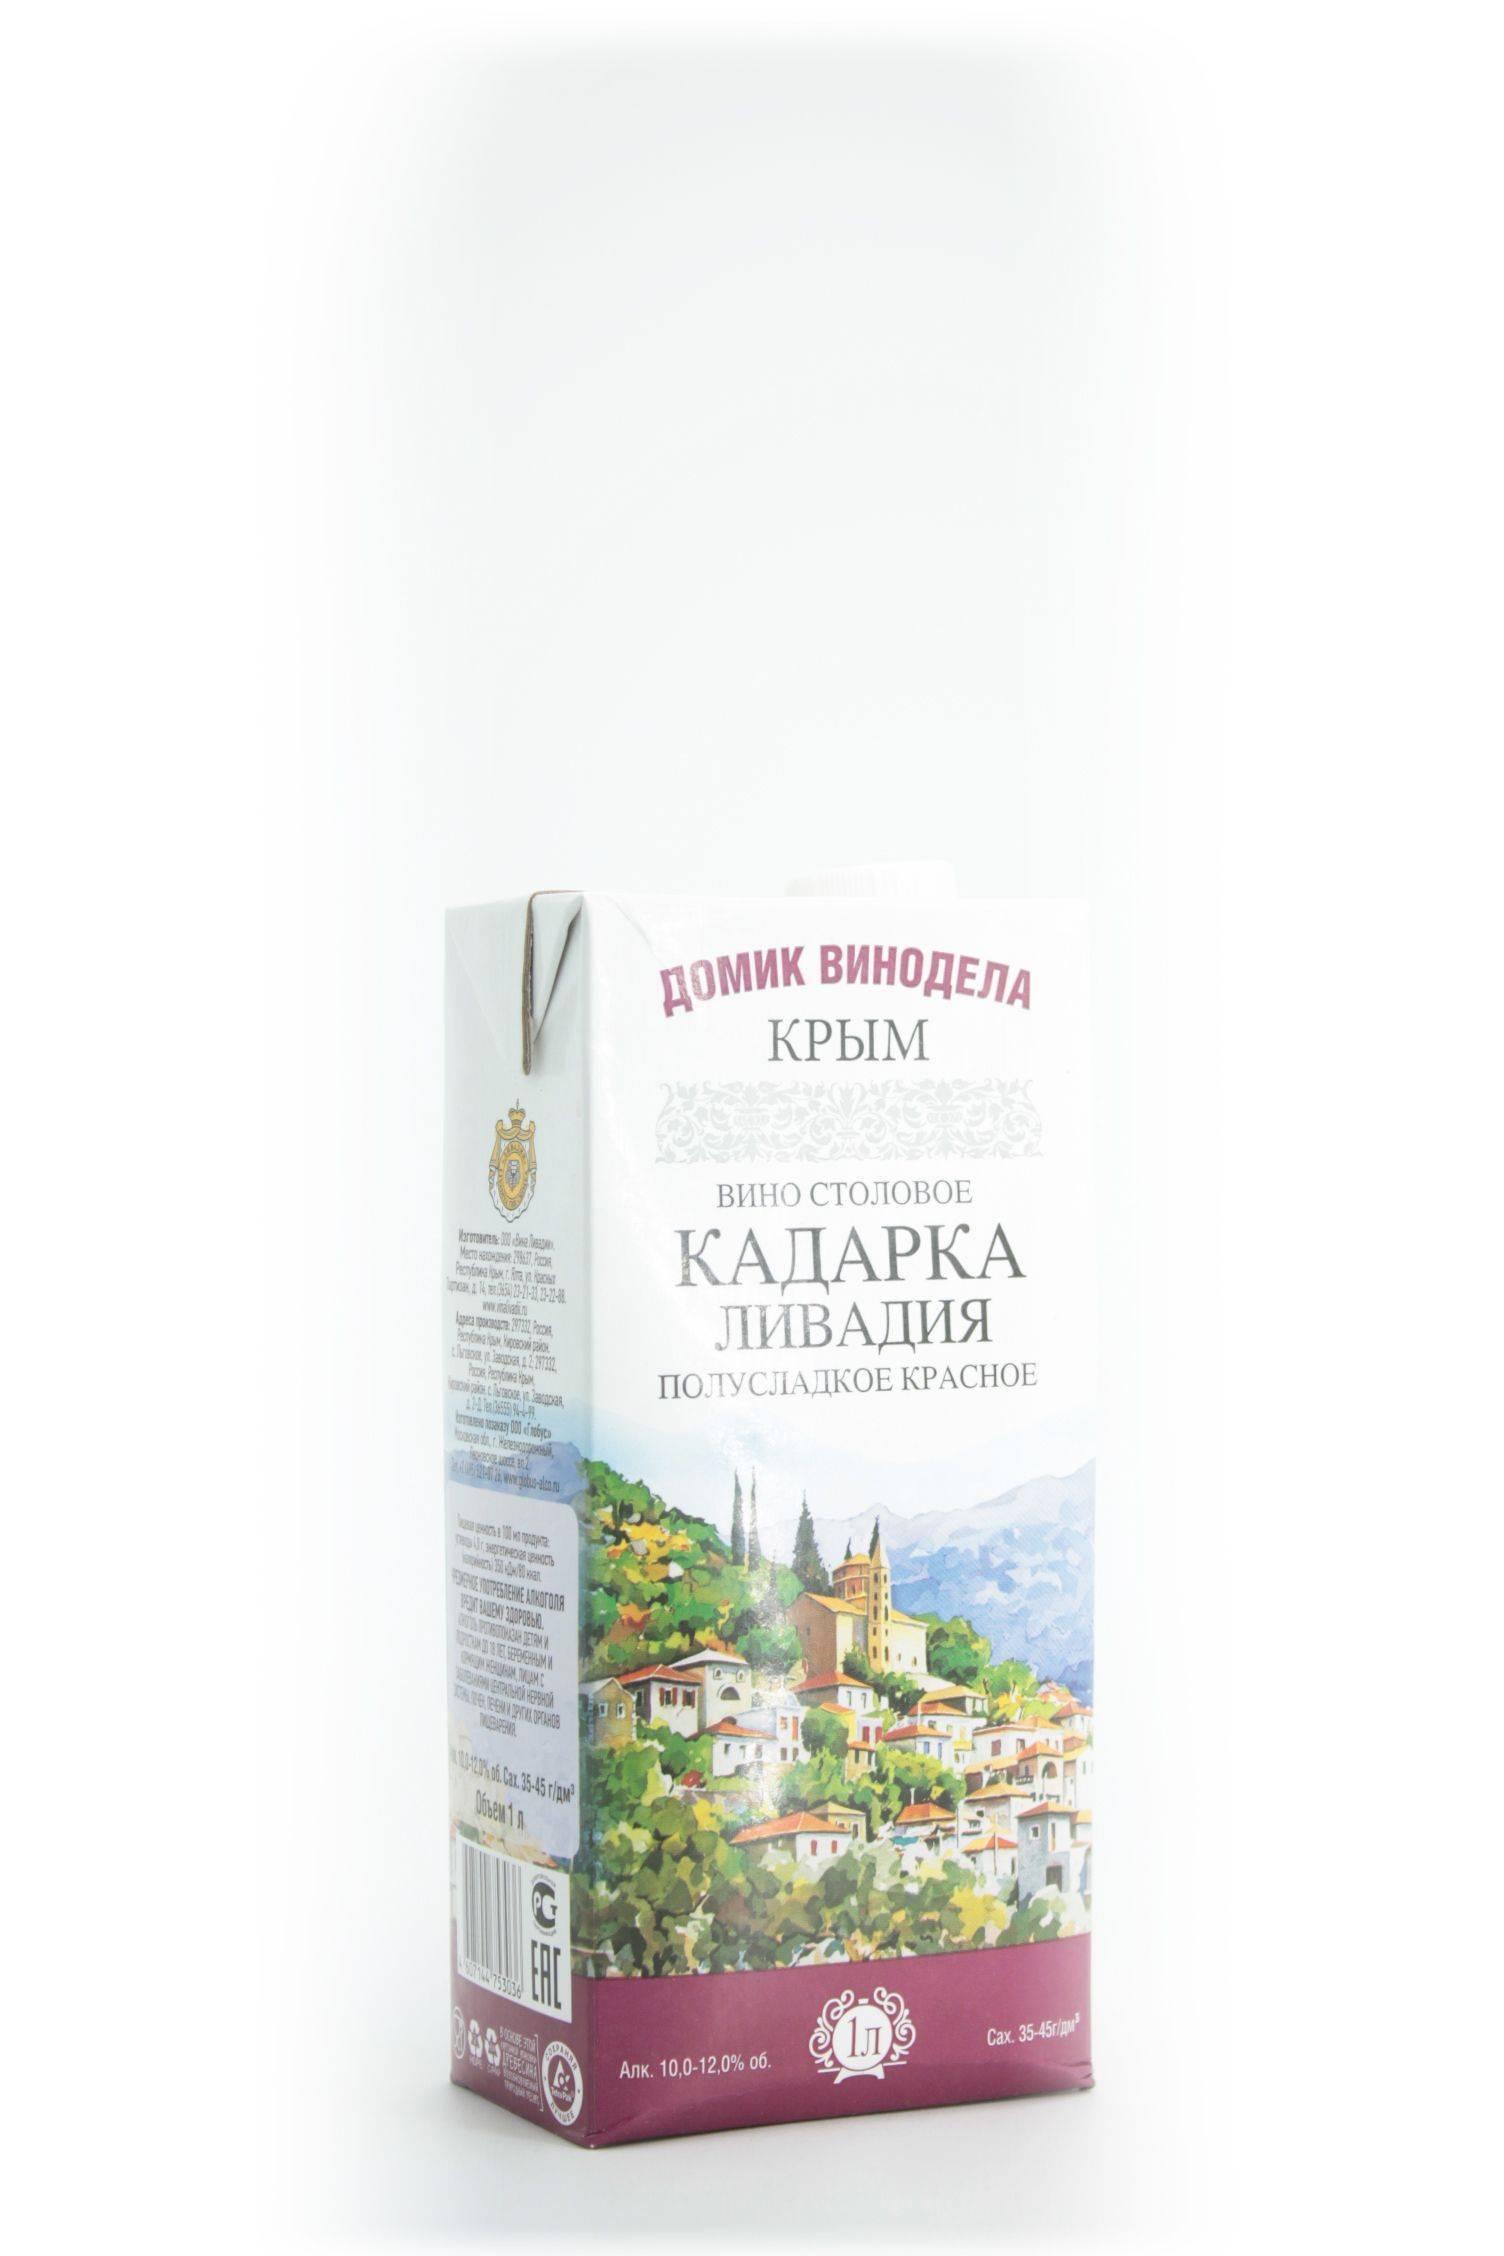 Болгарское вино тамянка — история алкоголя